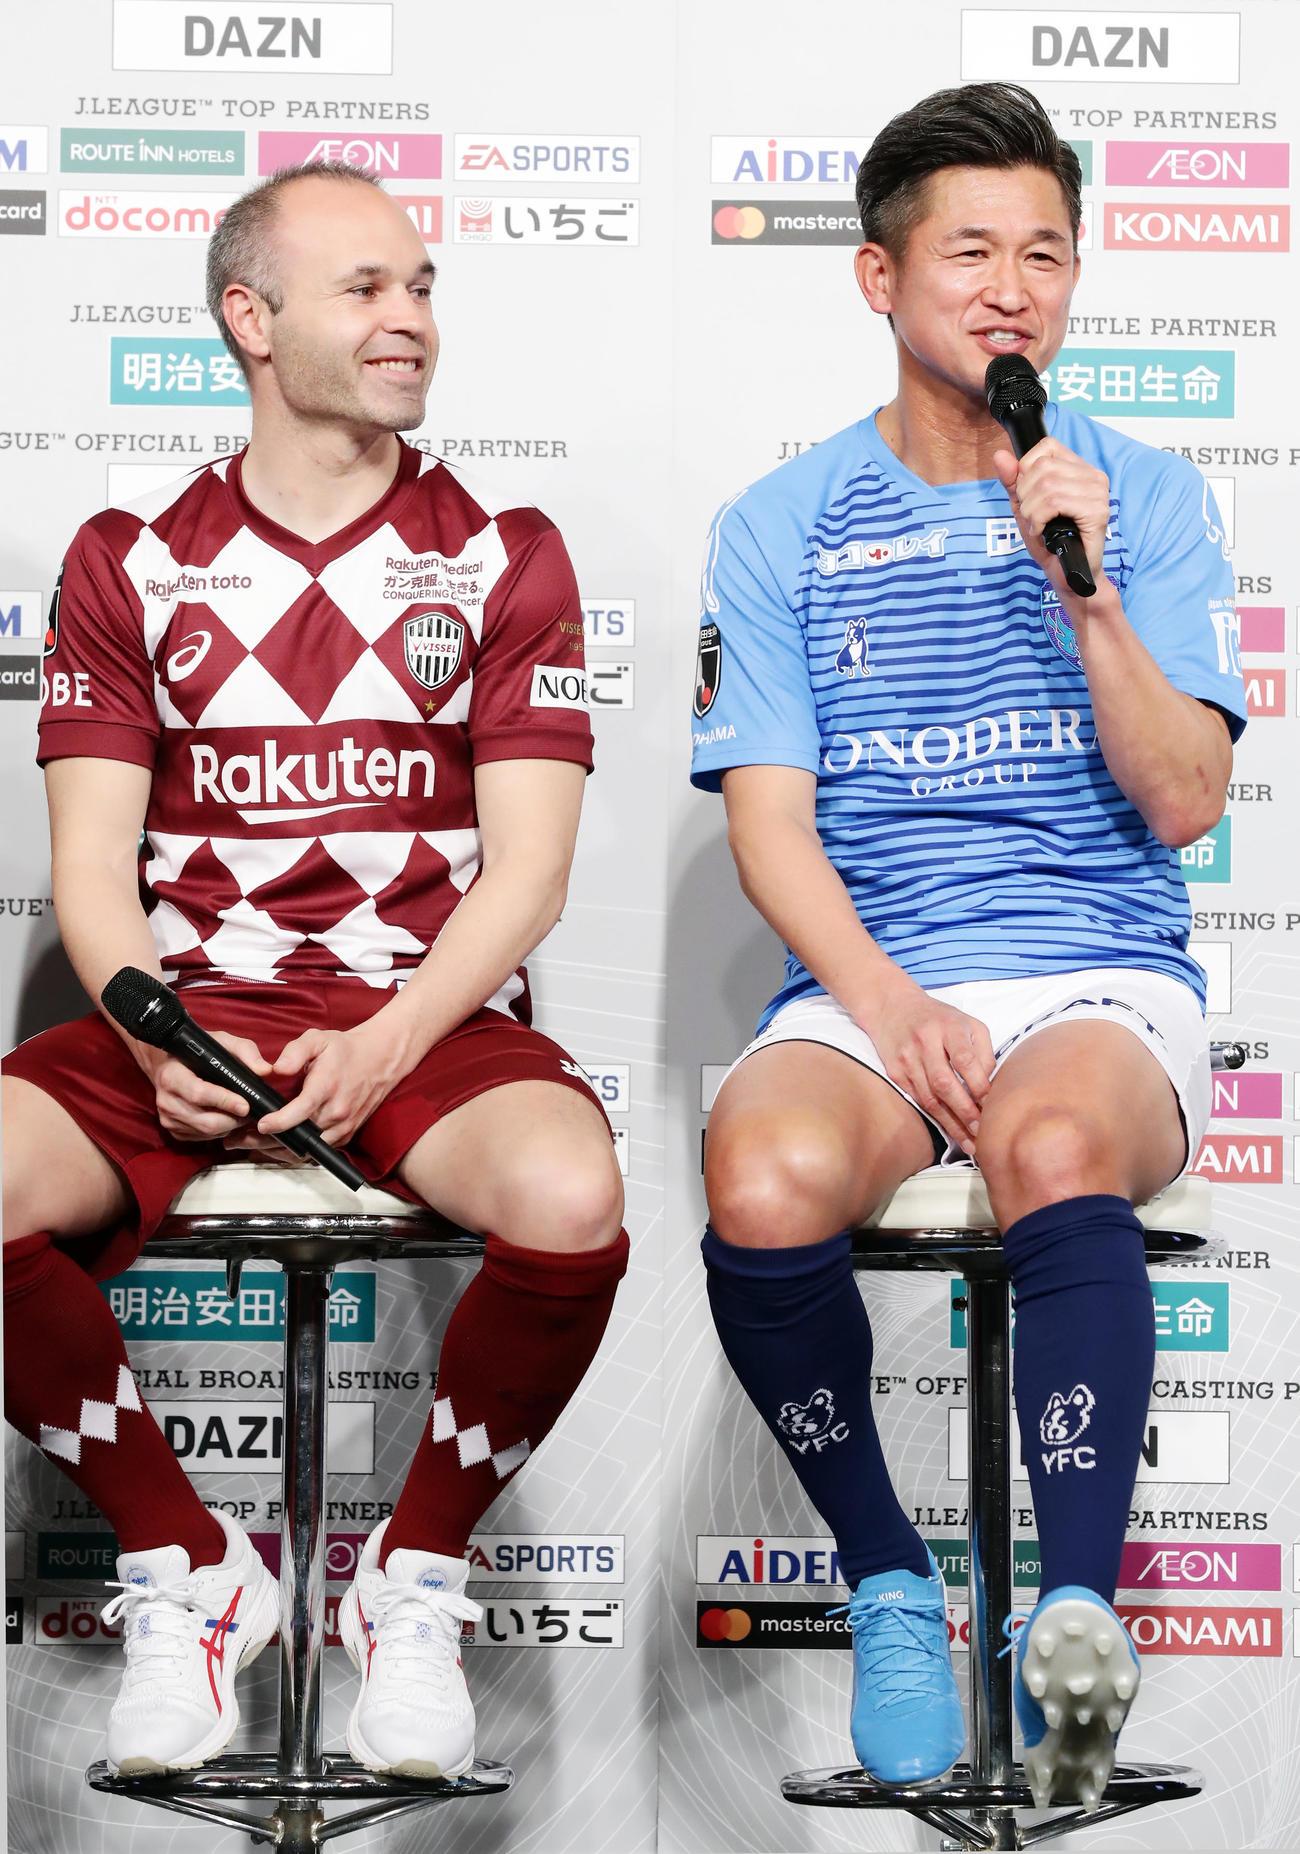 2020Jリーグキックオフカンファレンスの共同会見で、1人スパイクを履いてきた横浜FW・FW三浦(右)は突っ込まれ笑顔。左は神戸MFイニエスタ(撮影・浅見桂子)